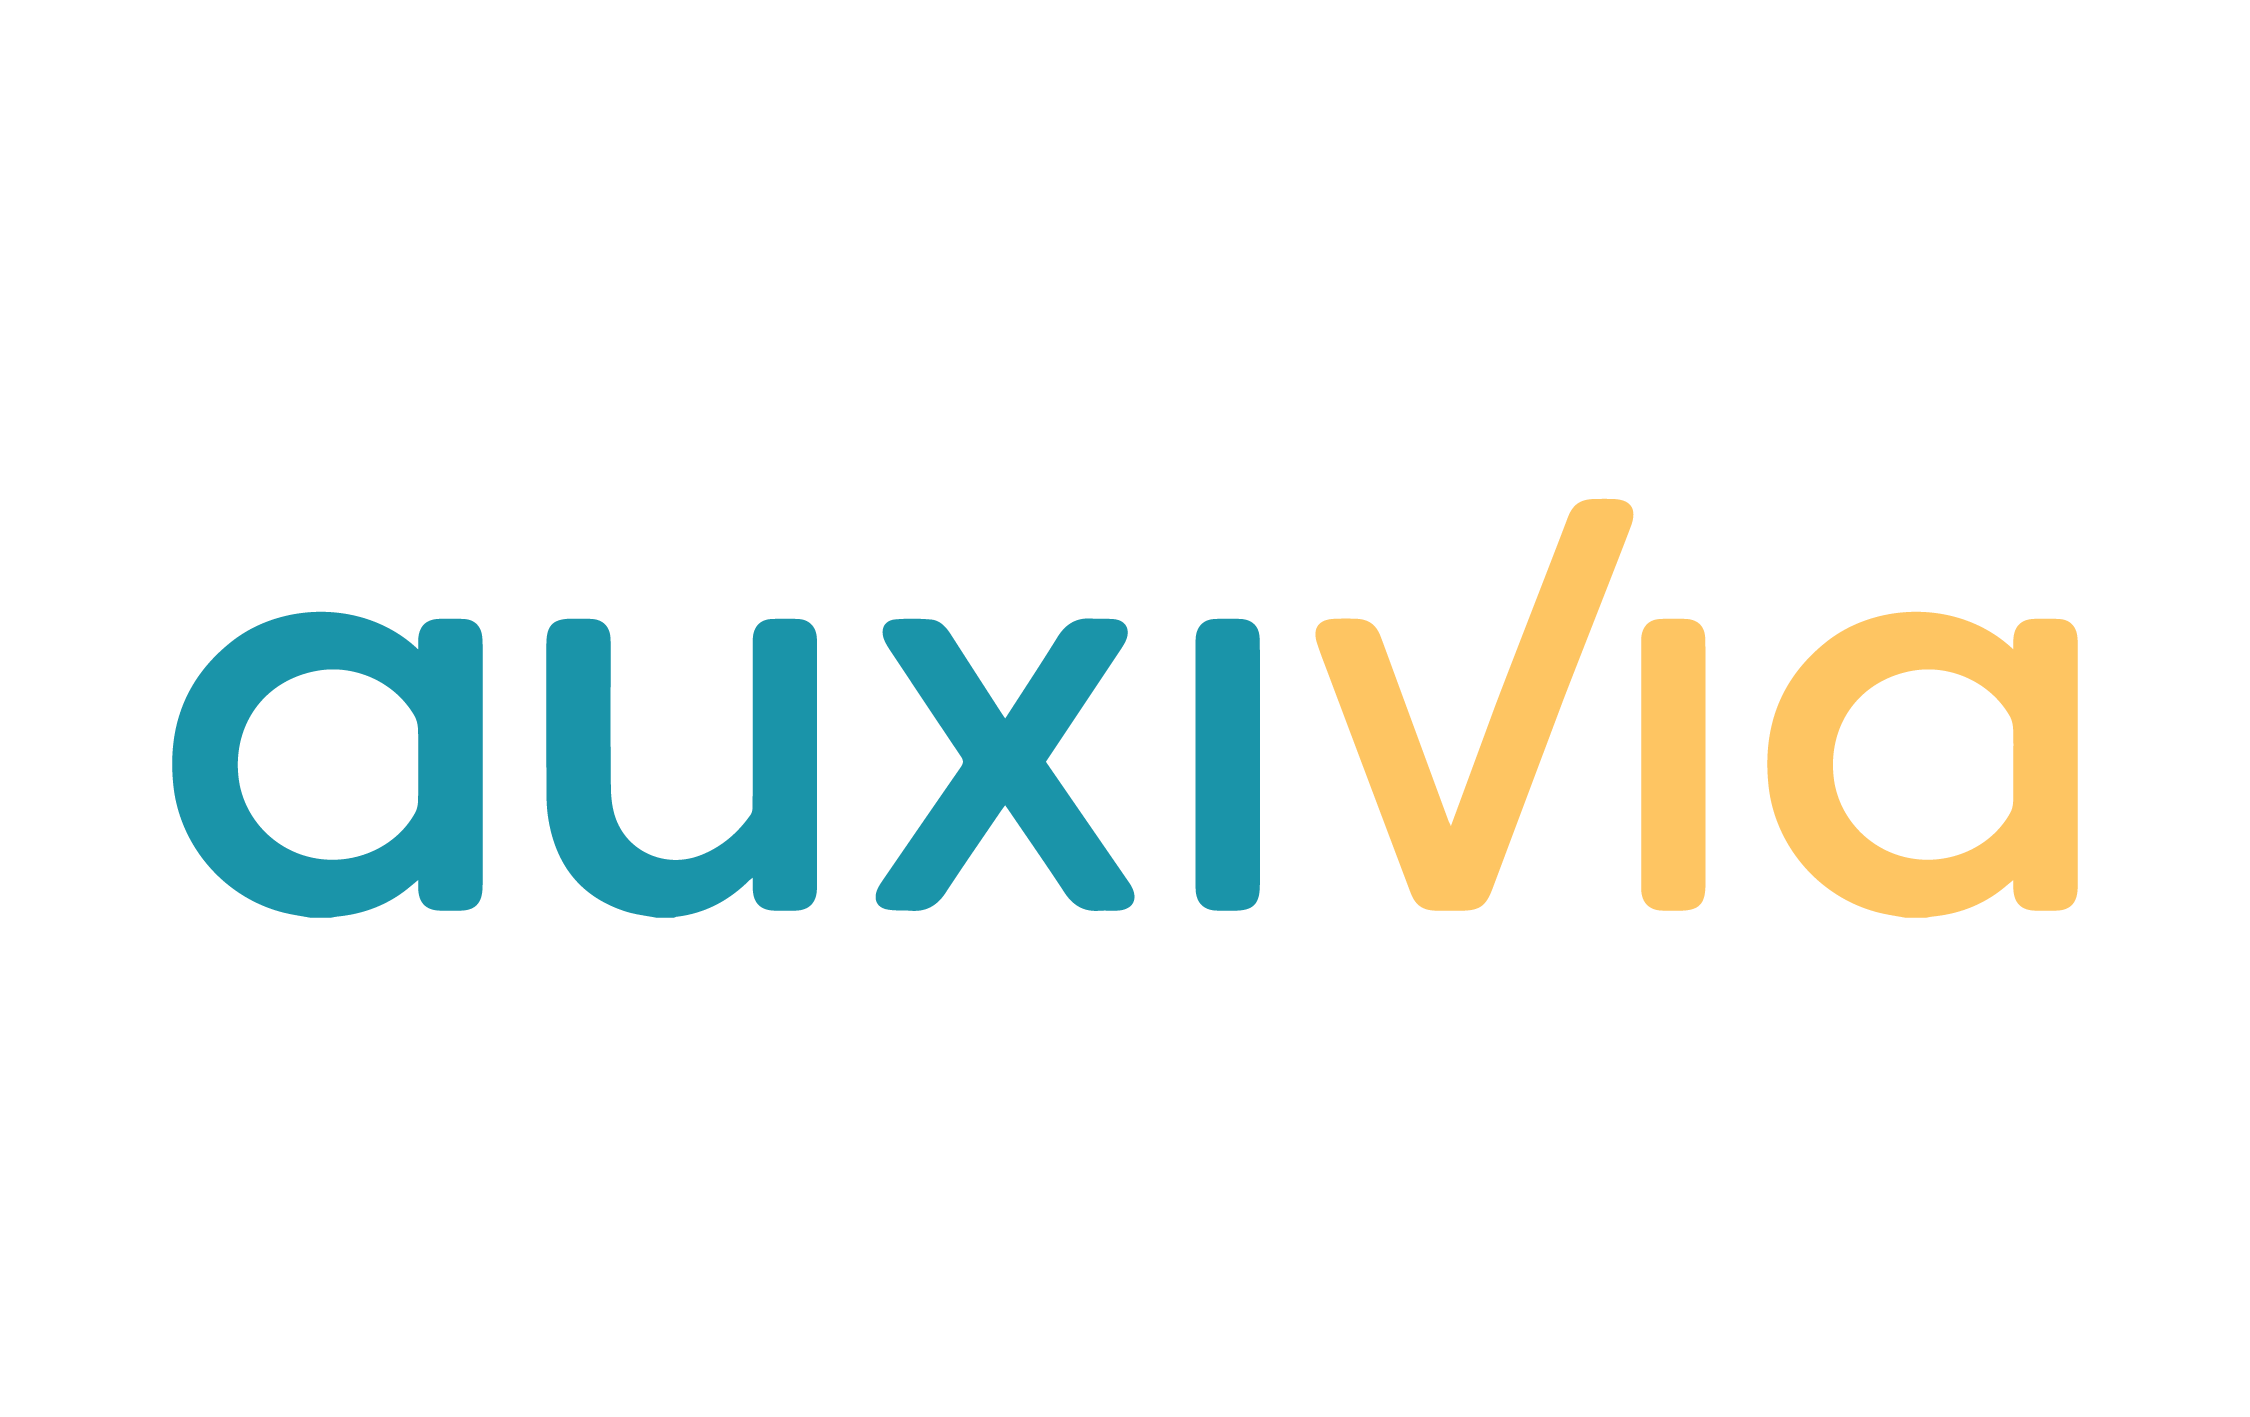 AUXIVIA